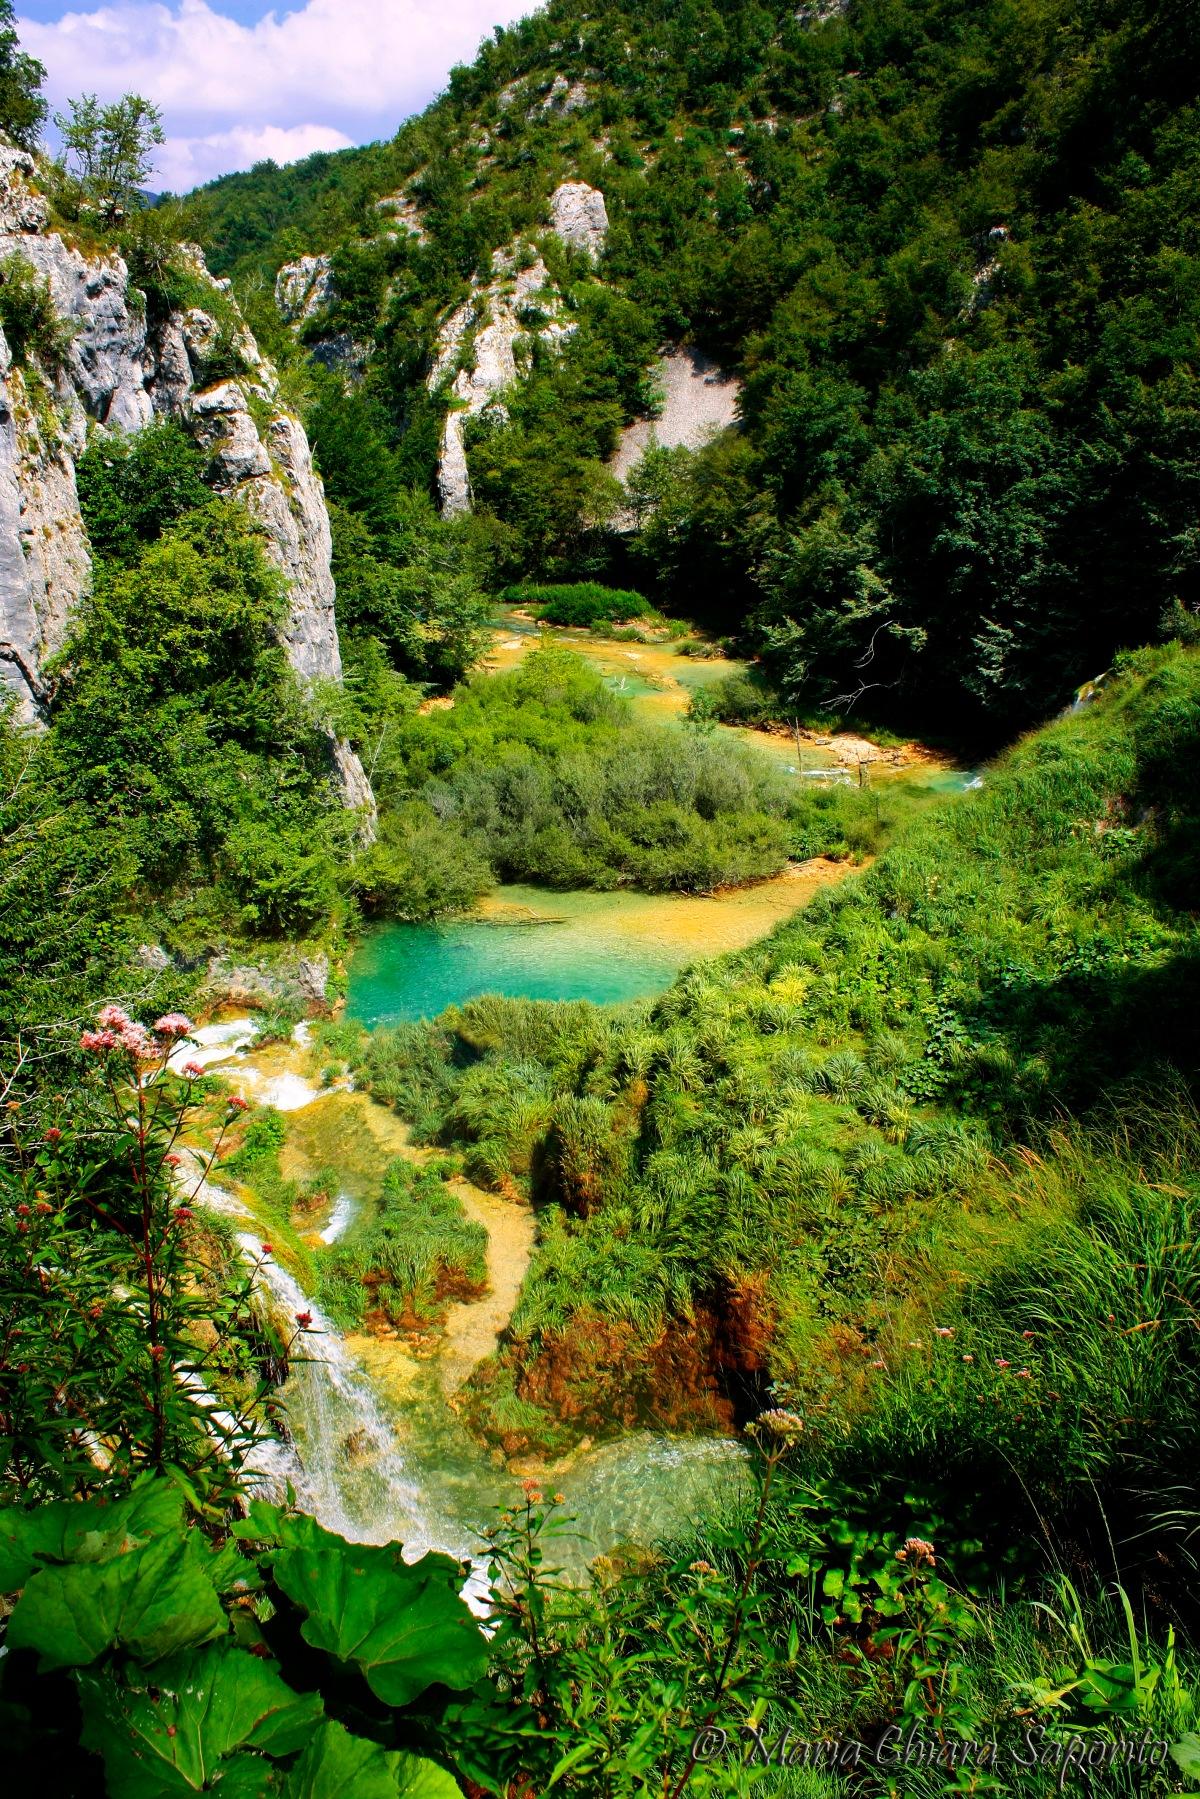 Parco Nazionale Laghi di Plitvice: un'oasi segreta nel cuore dellaCroazia